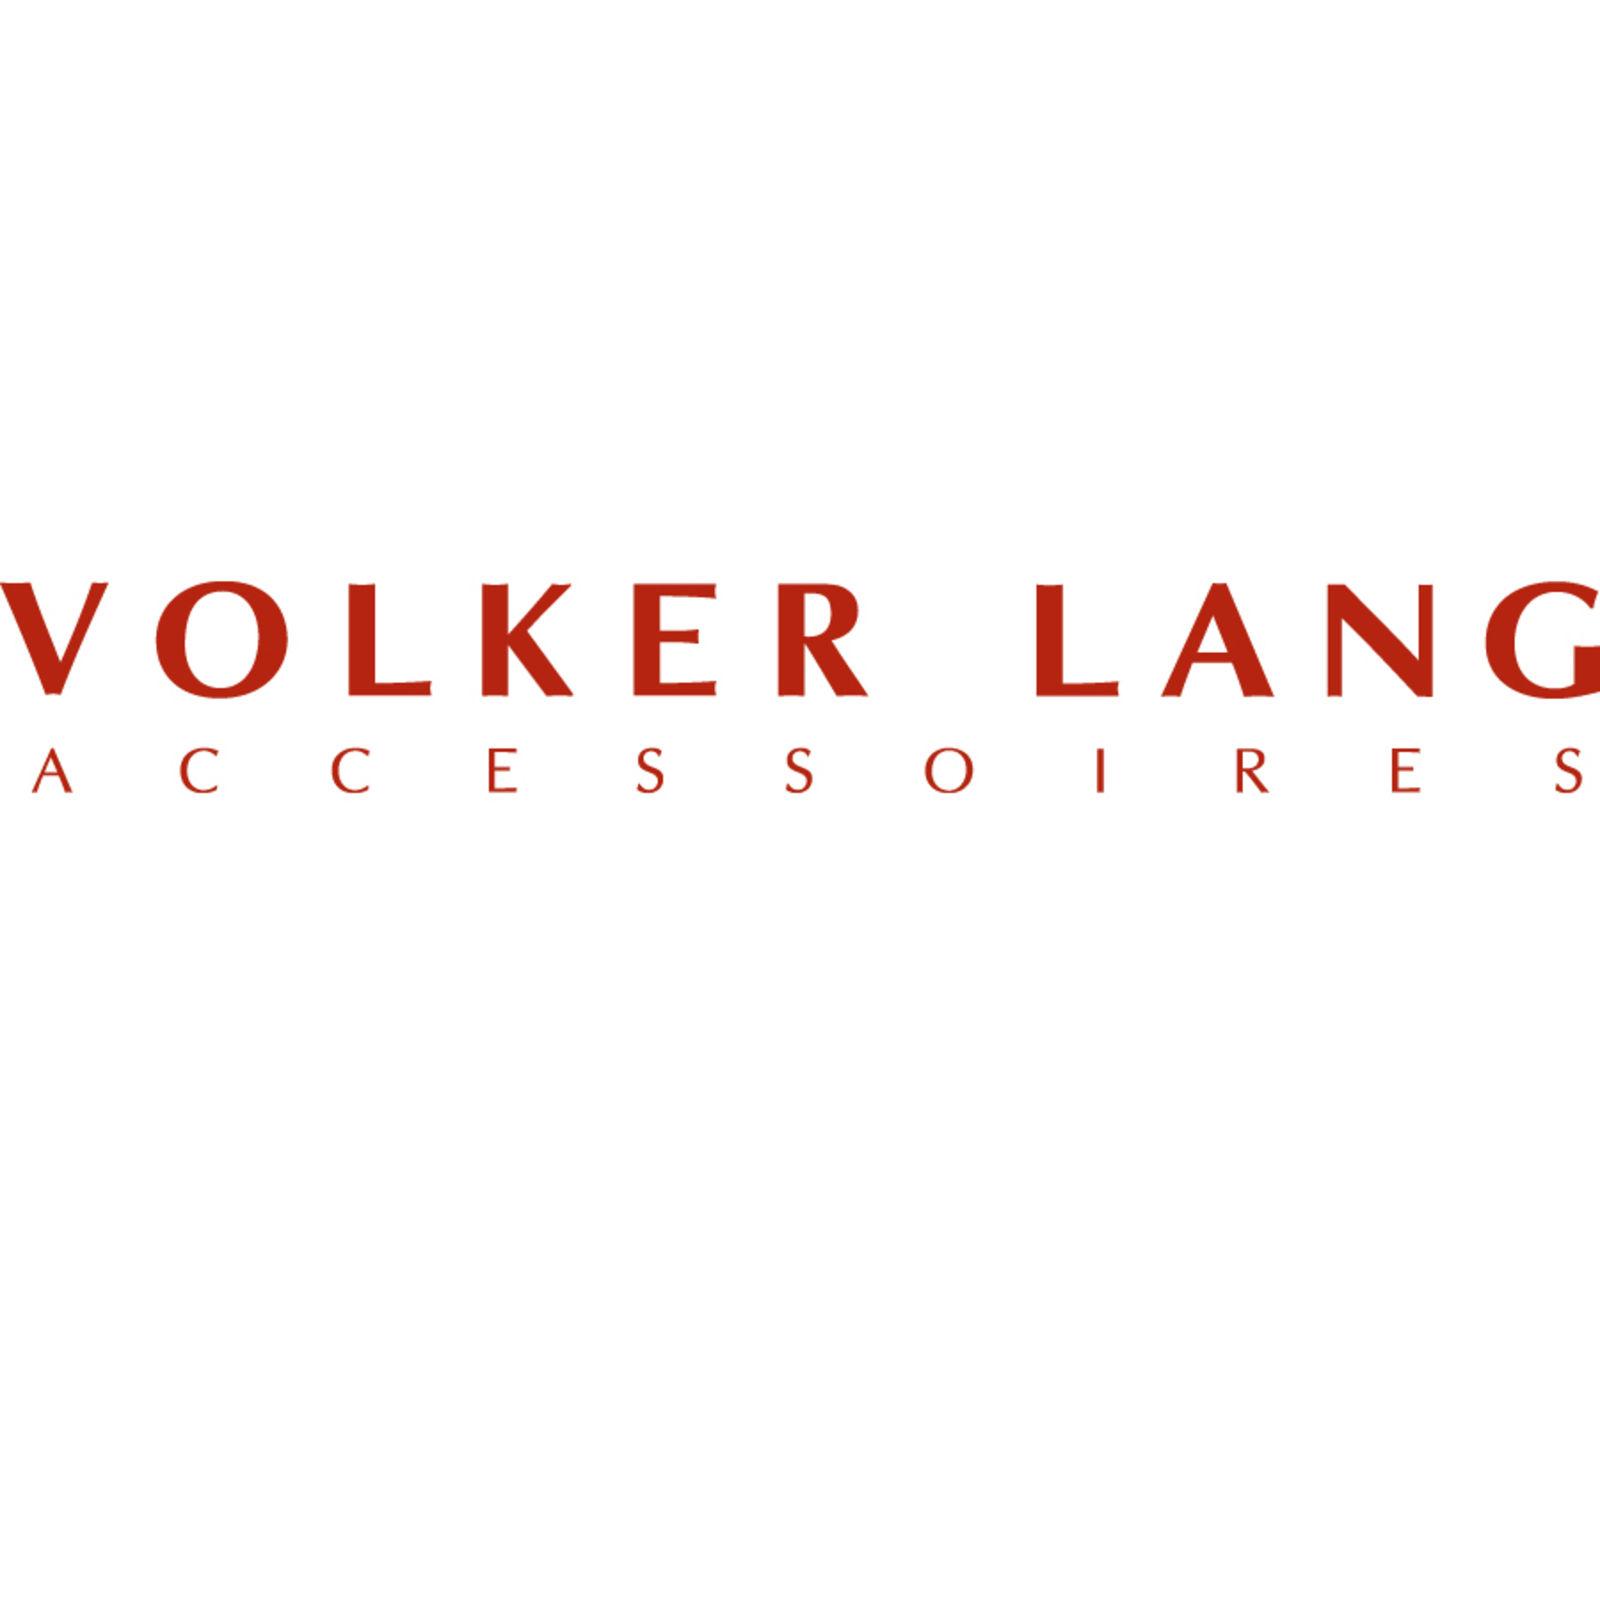 VOLKER LANG (Bild 1)